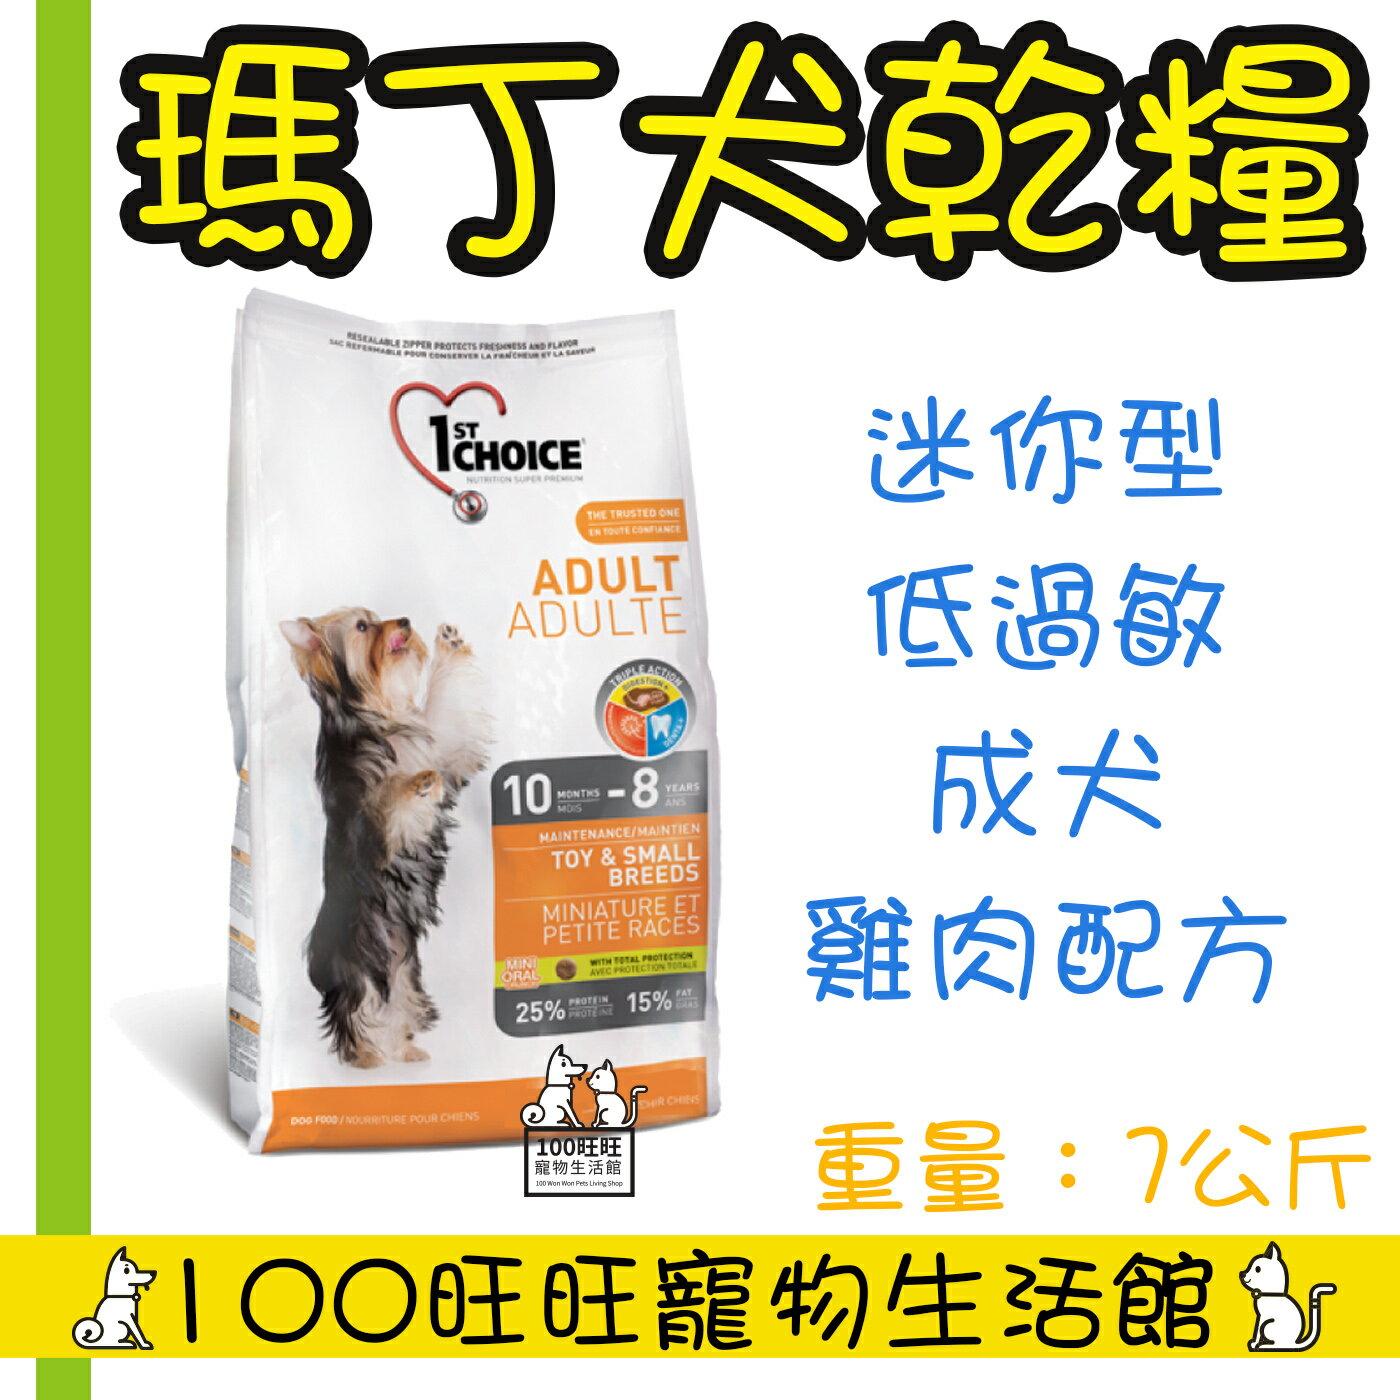 瑪丁 迷你型 成犬 7kg 成犬10月至8歲 雞肉配方